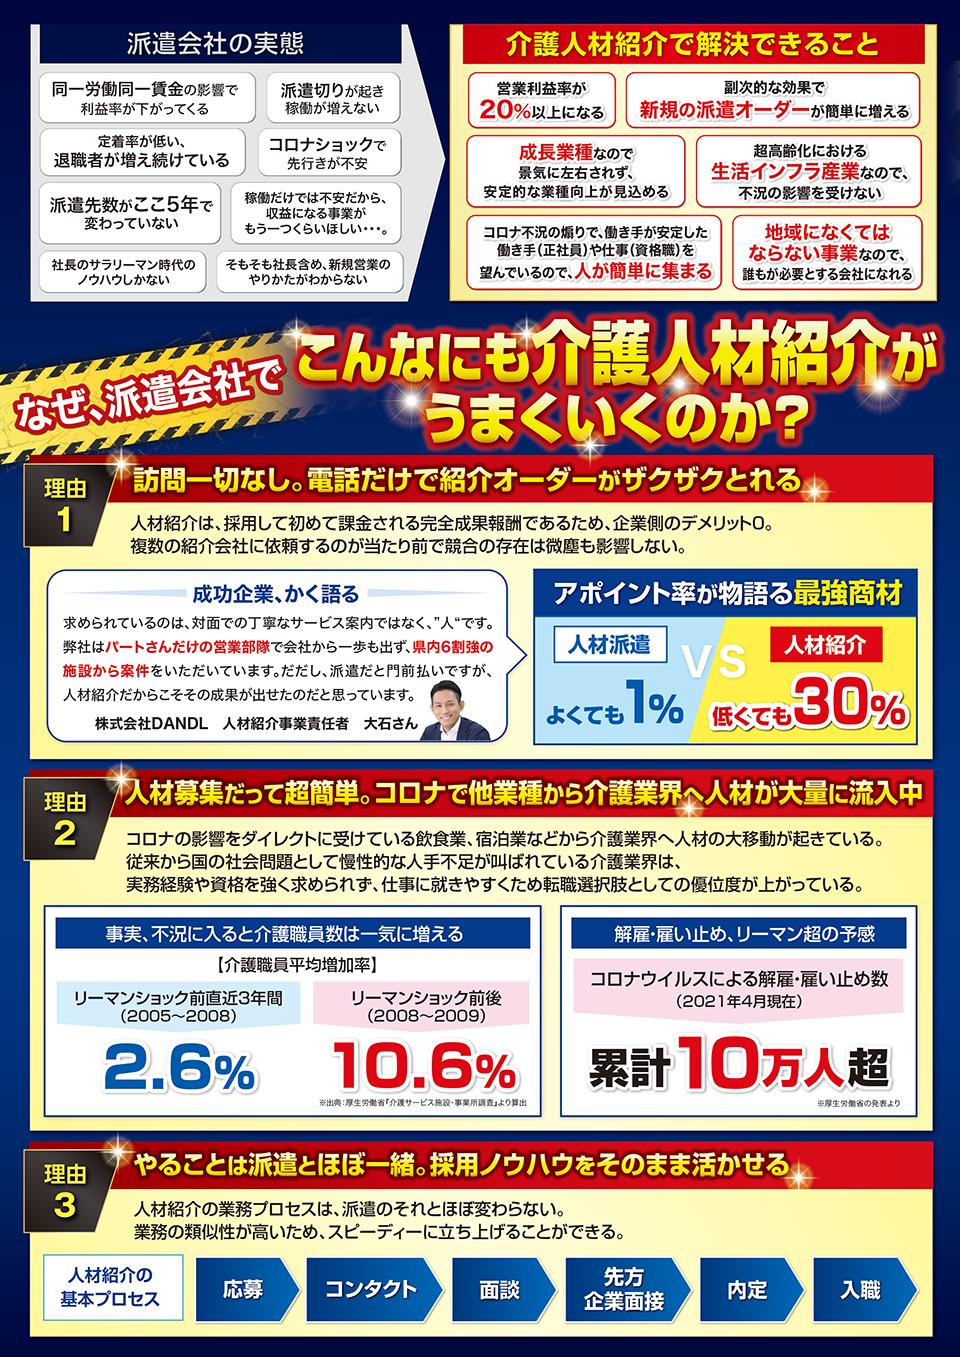 【派遣会社向け】人材紹介ビジネス強化セミナー